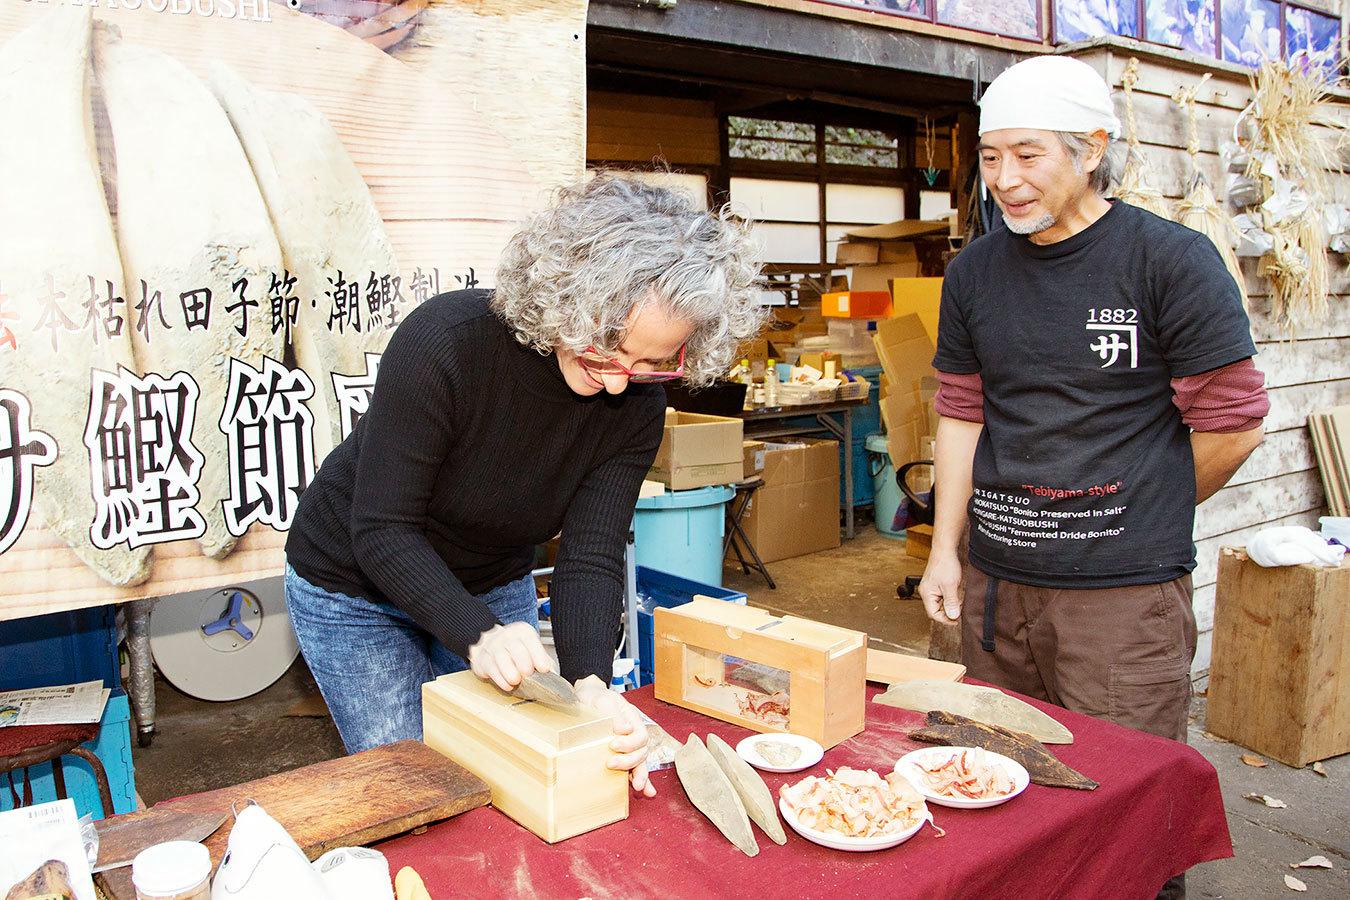 食の多様性と伝統を未来へ〜スローフードを学ぶ旅へ出かけよう